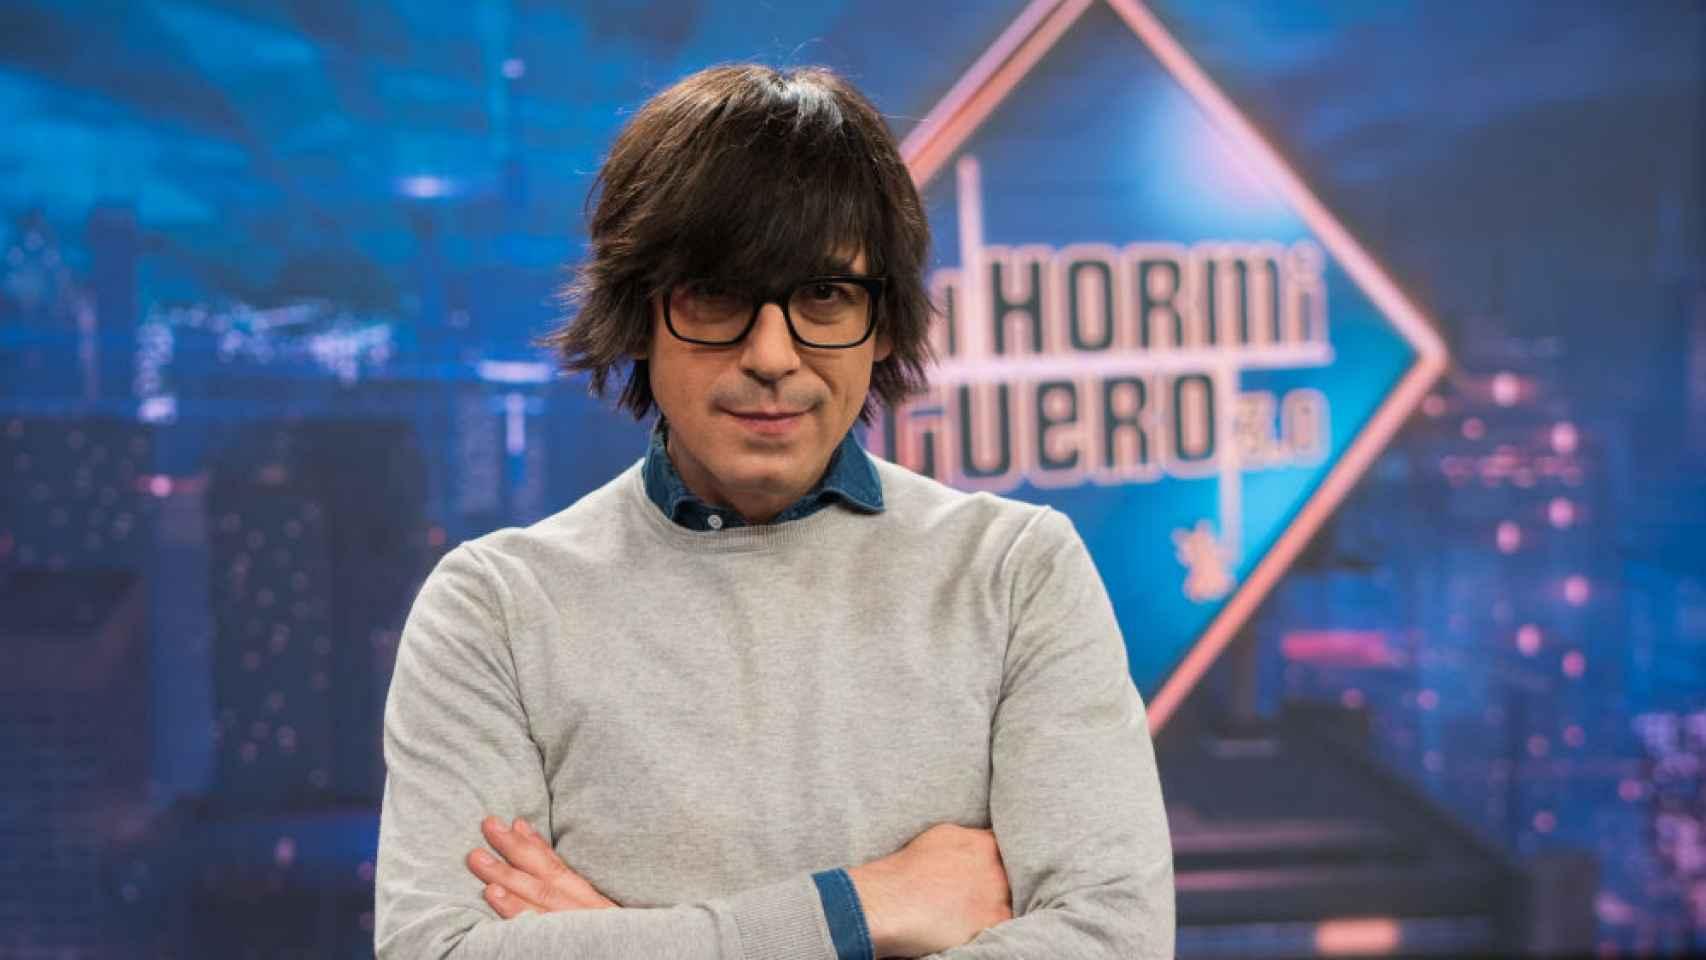 Luis Piedrahita encaja con humor las consecuencias del coronavirus